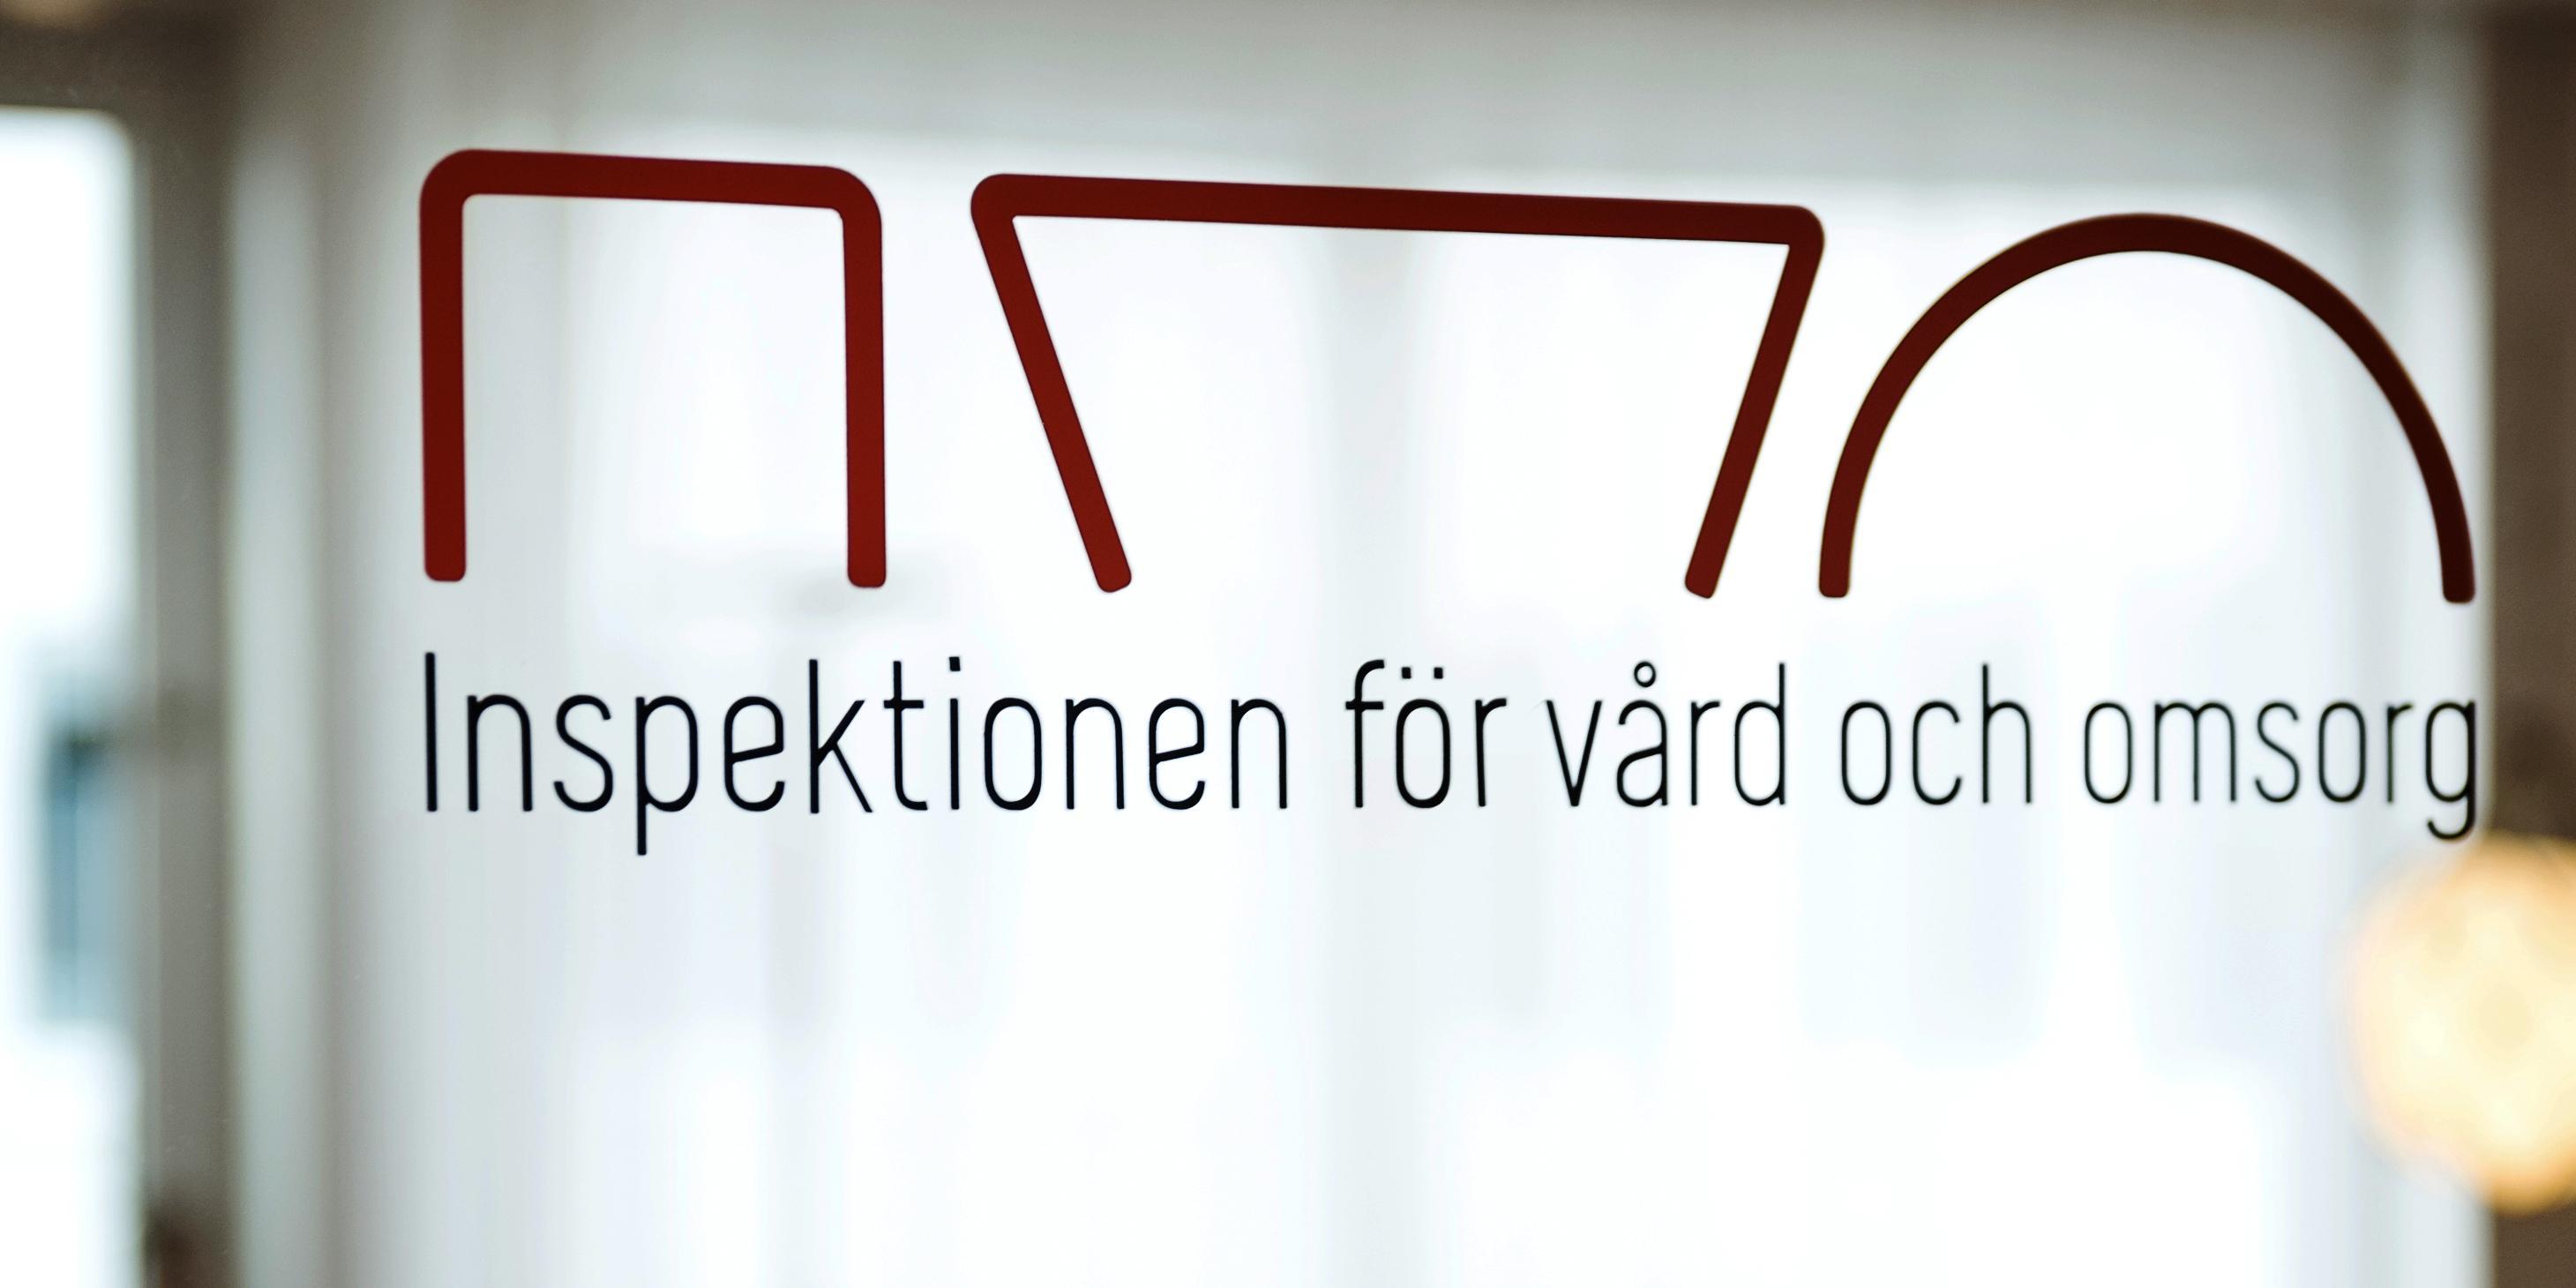 HVB-hem i Östersunds kommun saknar tillstånd – nu kräver IVO att alla barn och ungdomar skrivs ut